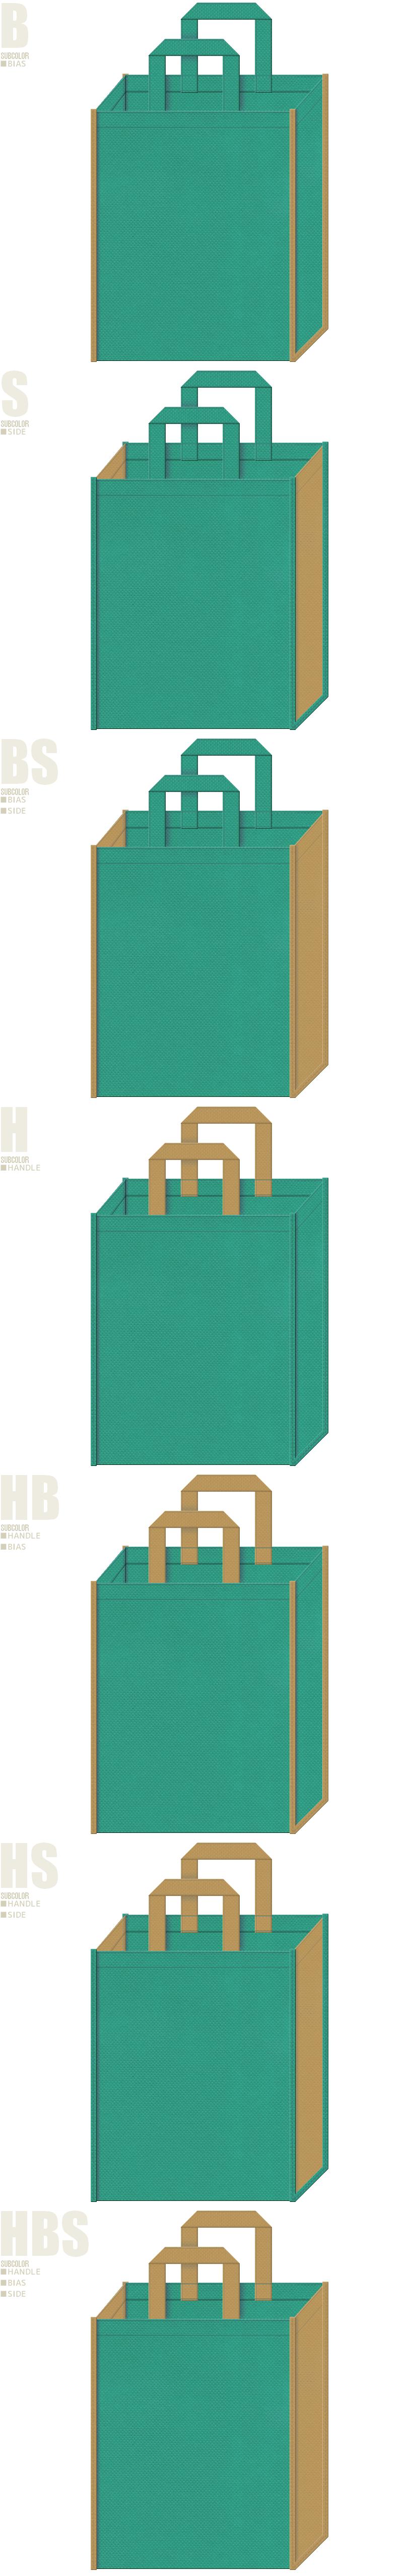 青緑色と金黄土色、7パターンの不織布トートバッグ配色デザイン例。